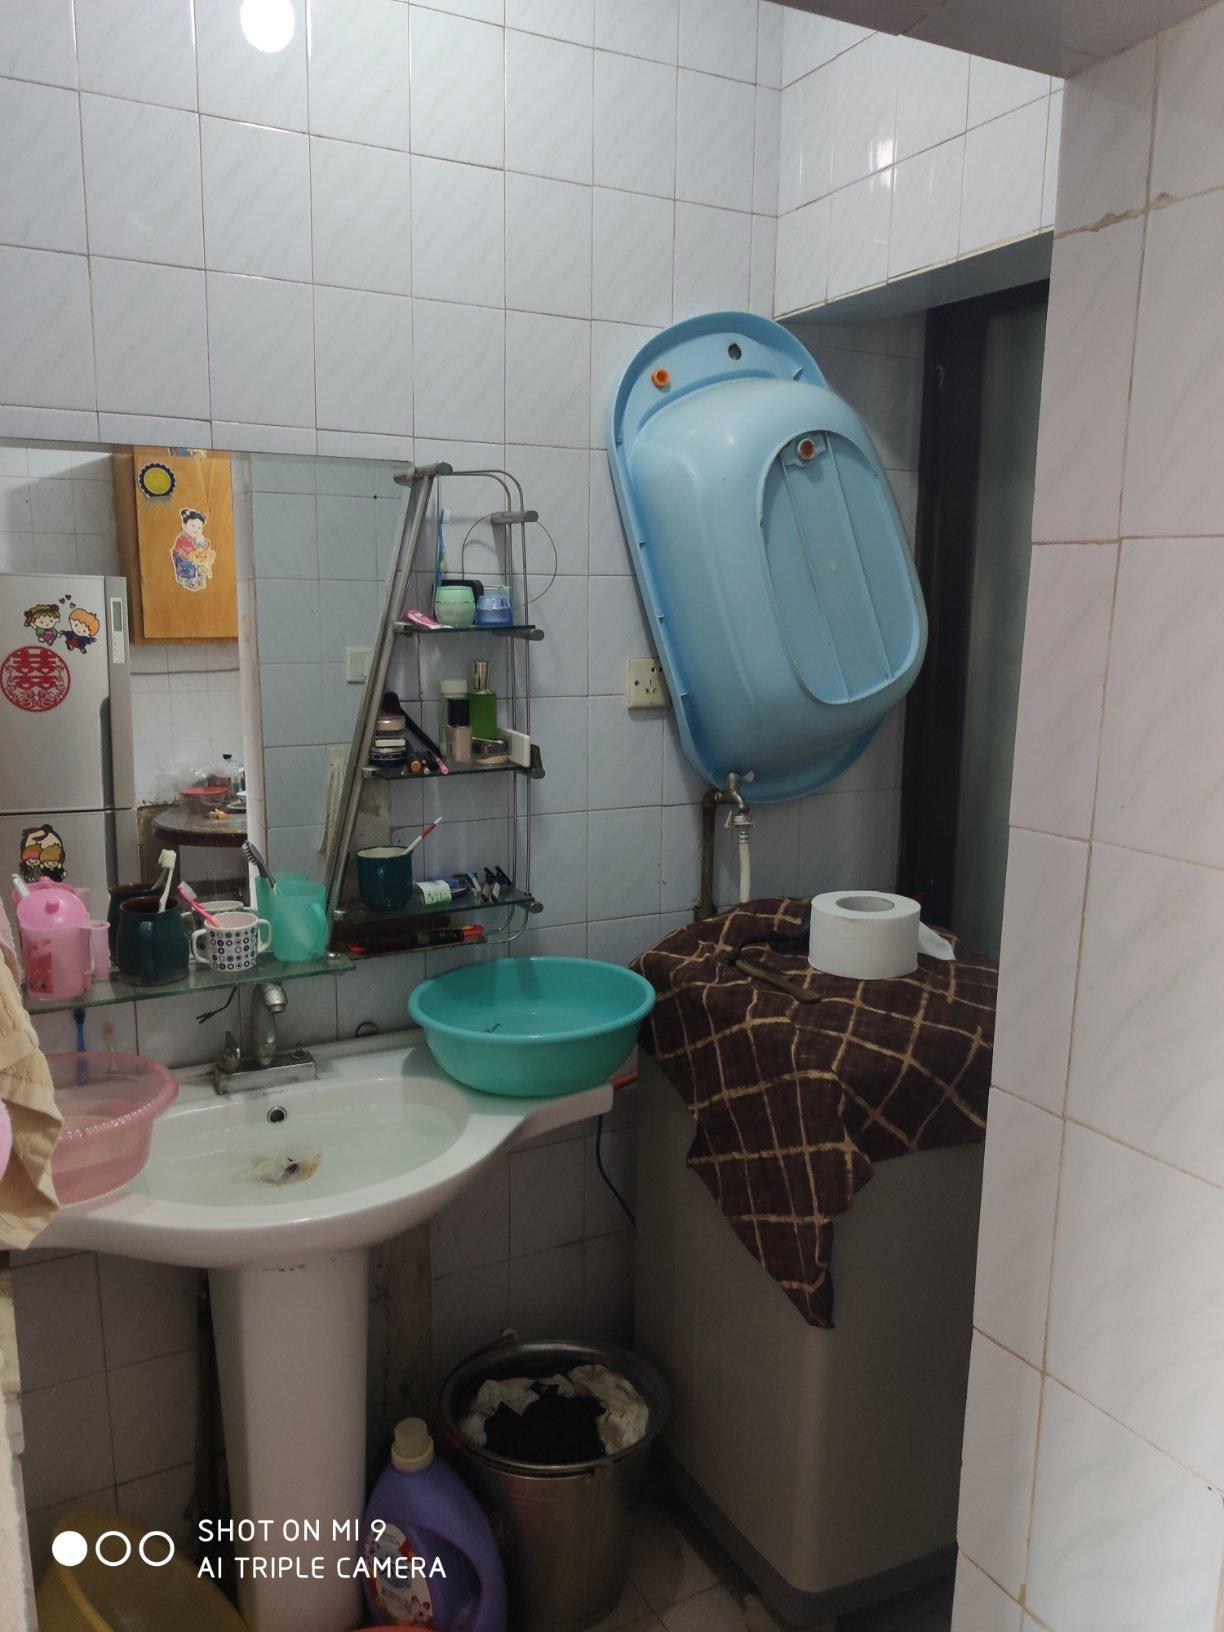 广源国际对面金元新村步梯4楼送杂物间有小区物业